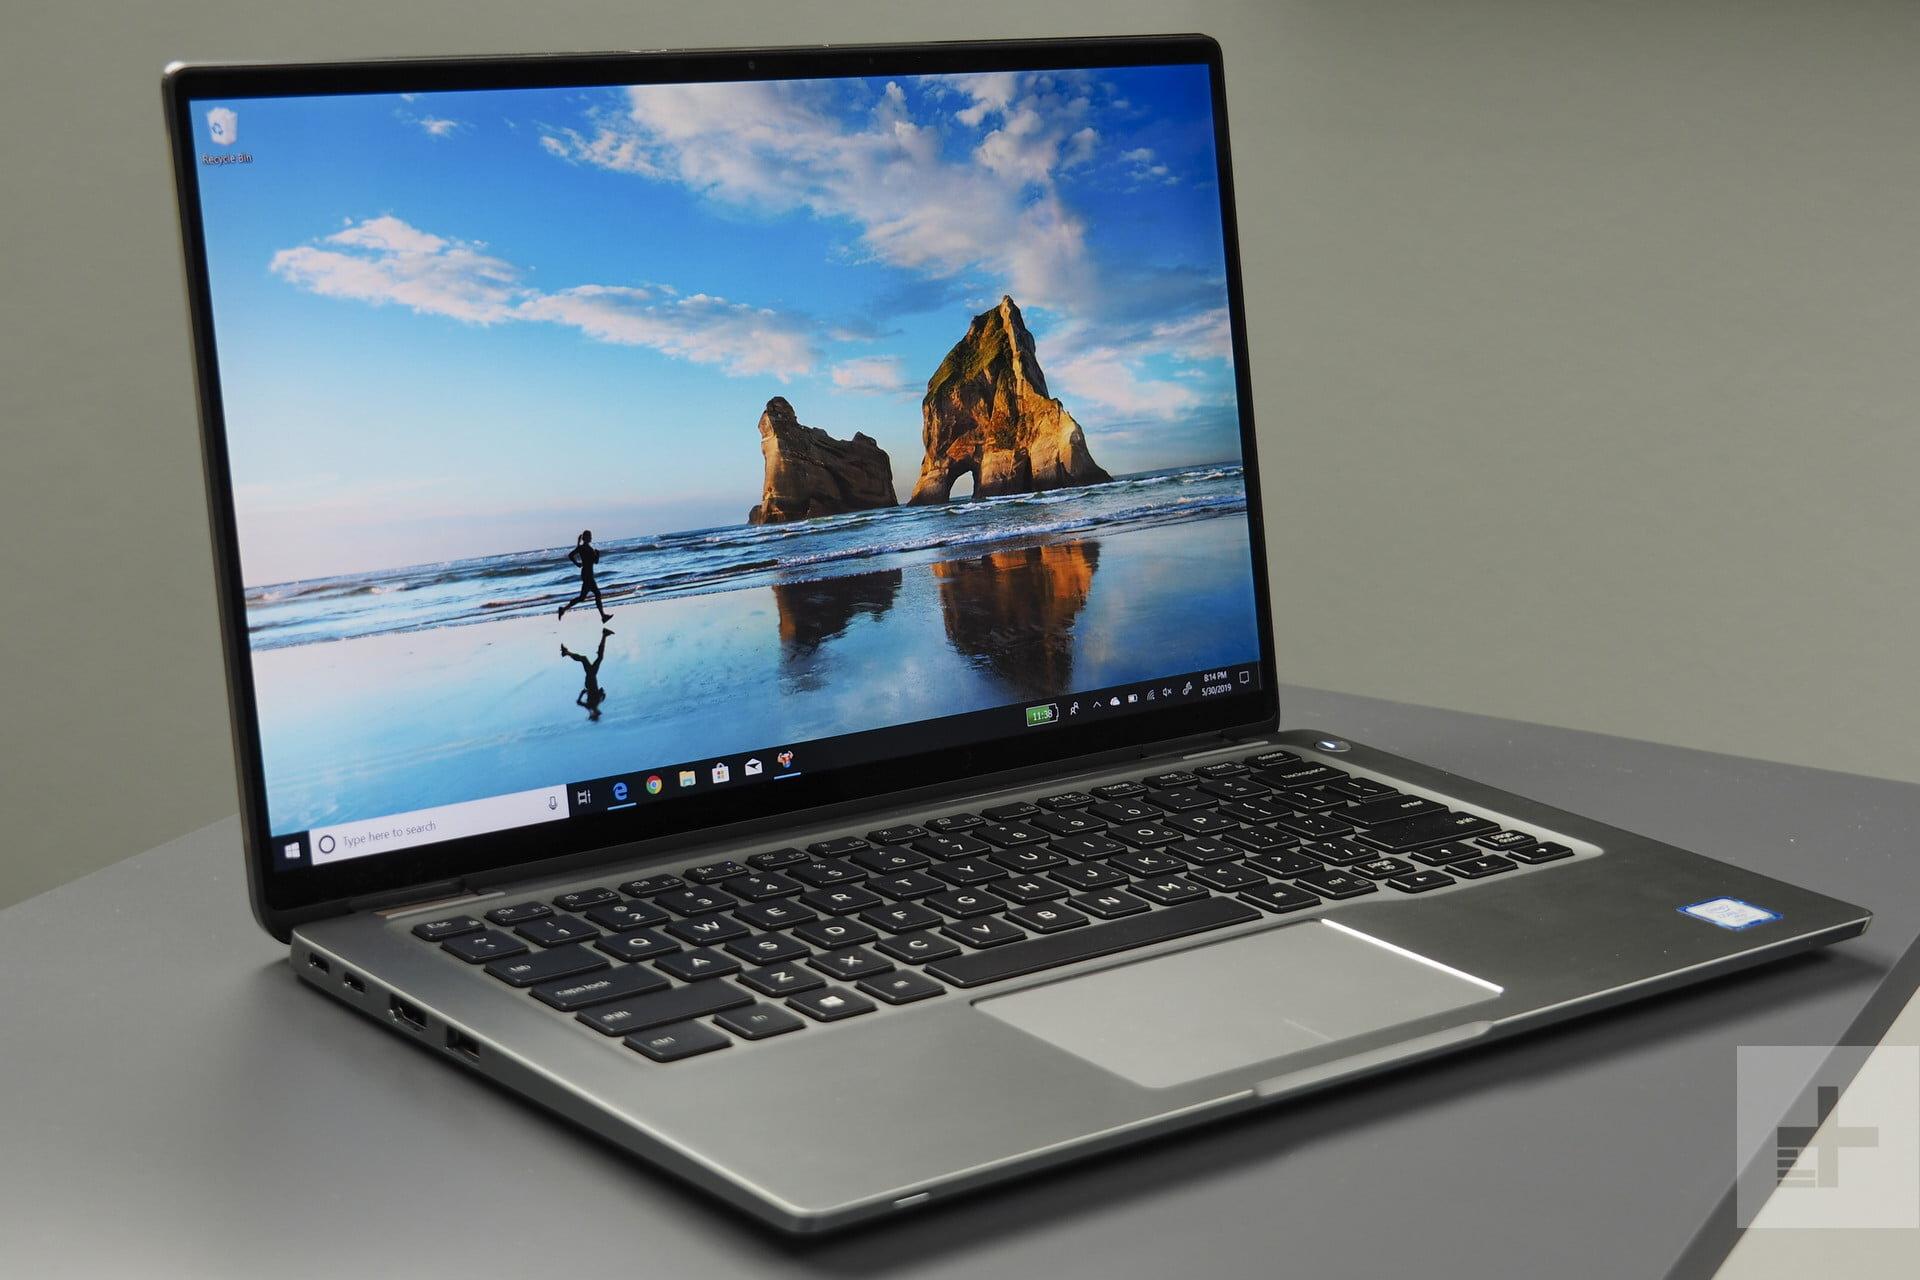 Dell Latitude 7400 2-in-1 tiện lợi mang theo bất cứ đâu lại có pin khỏe, sử dụng được lâu